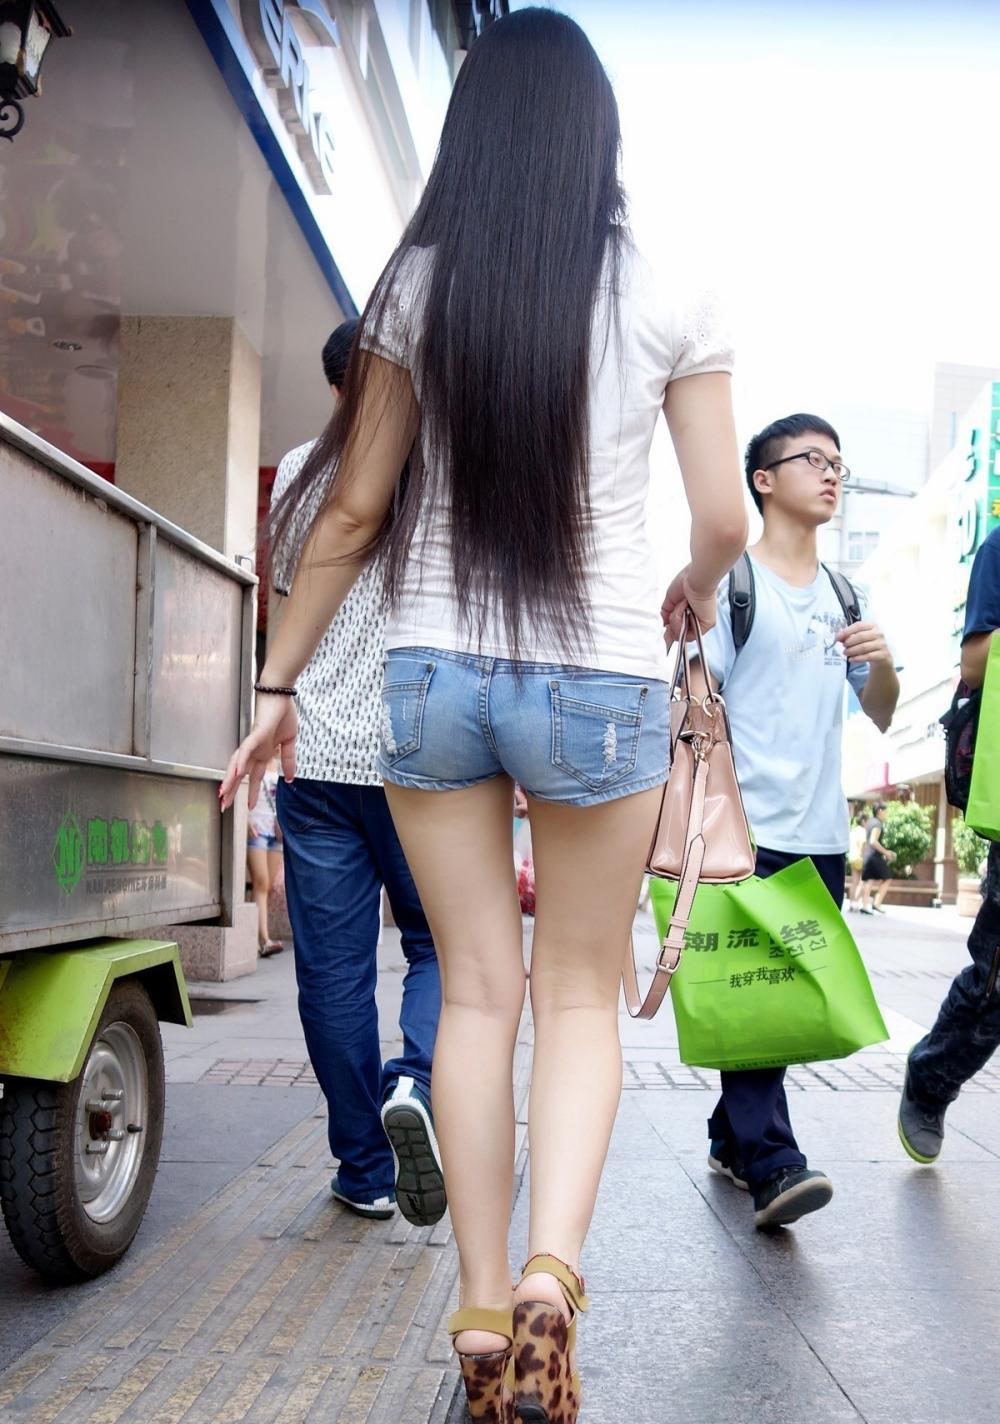 给人感觉非常时尚的高跟鞋气势唯独她有 温柔可人活泼可爱!